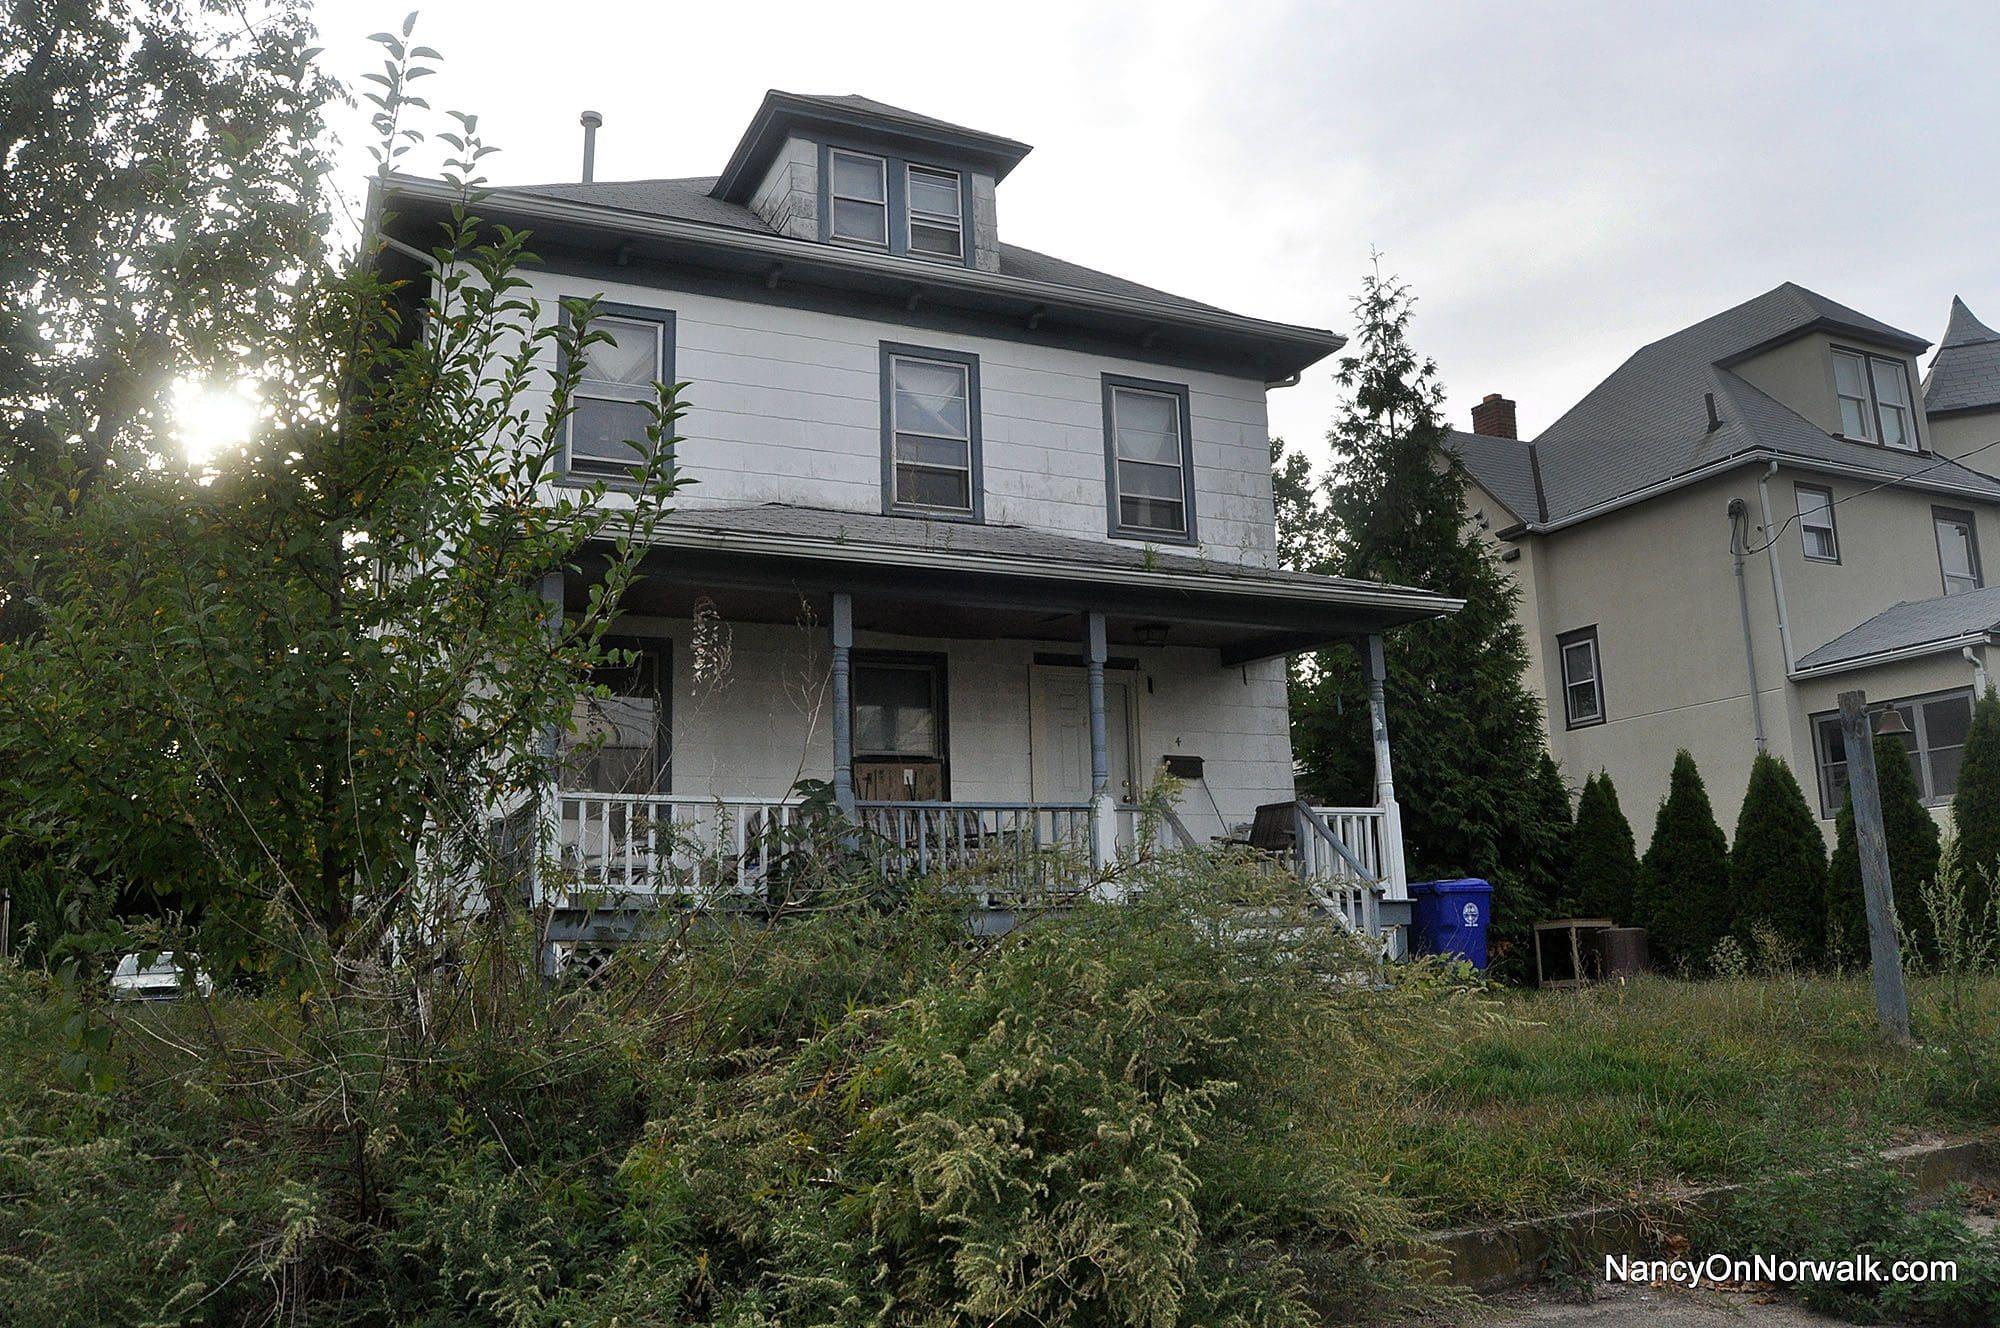 City Of Hamilton Property Taxes